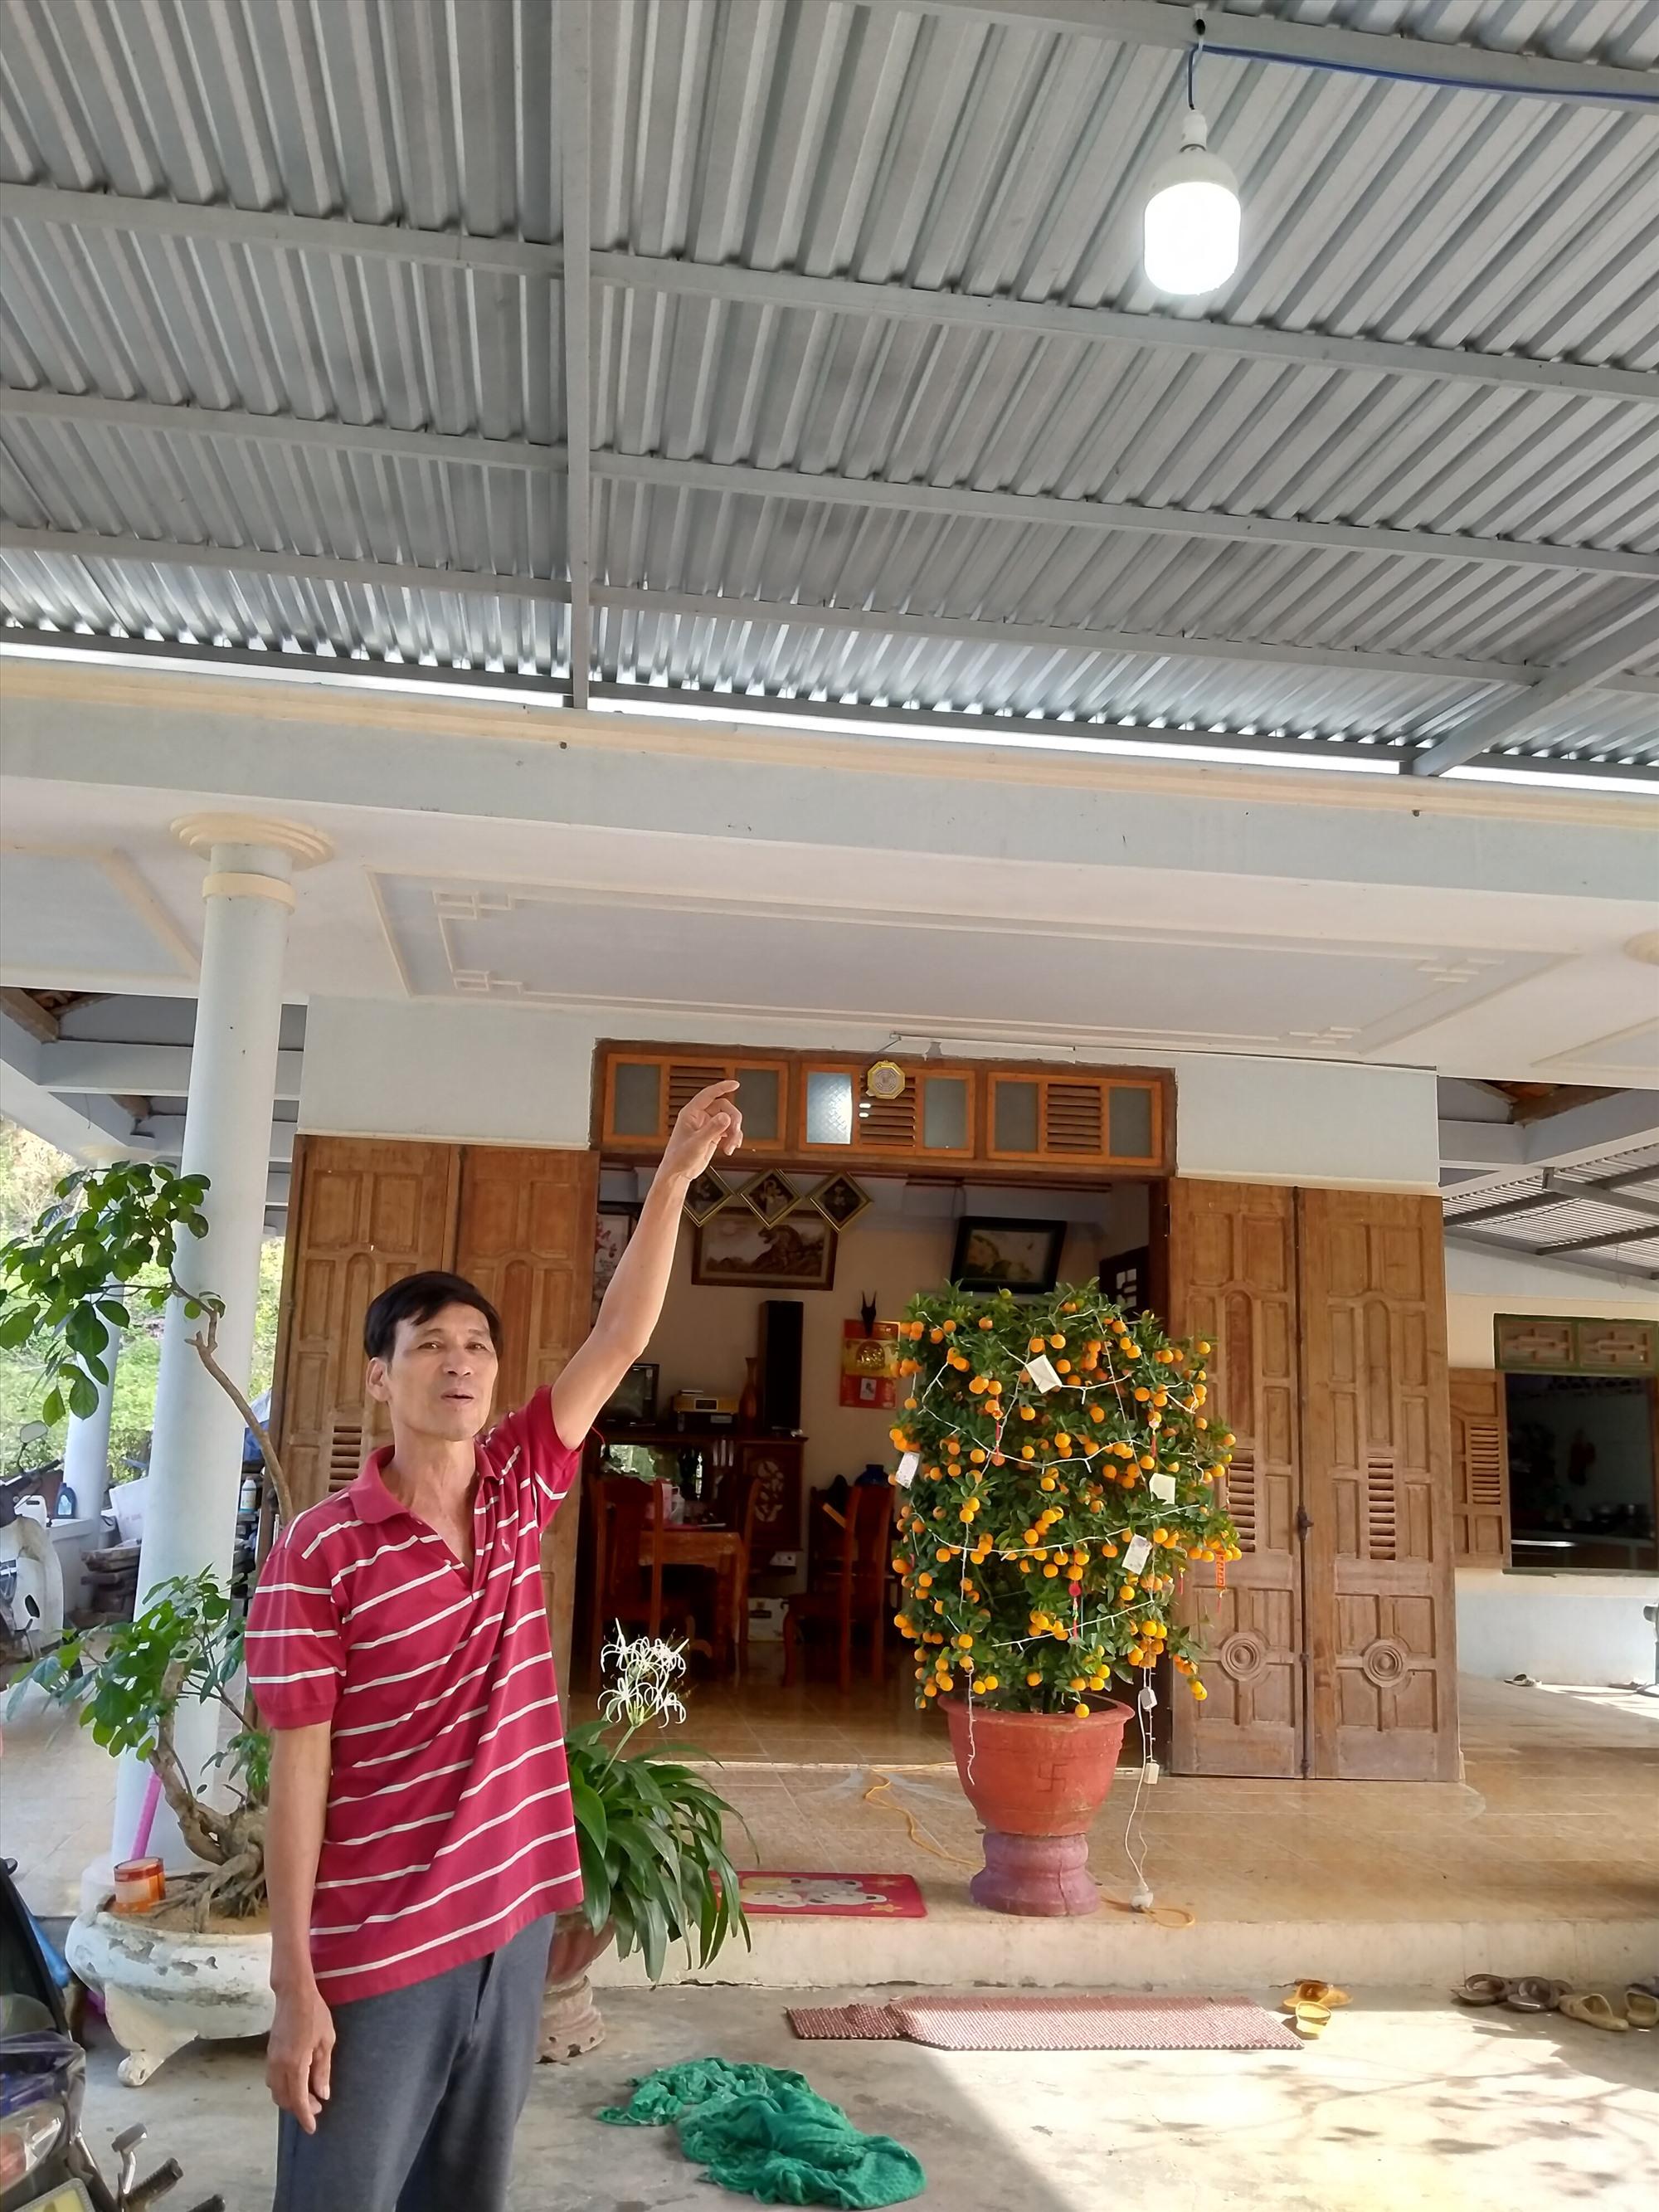 Dự án cấp điện tổ 11 (thôn 2, xã Trà Giang, Bắc Trà My): Dân vẫn chờ điện